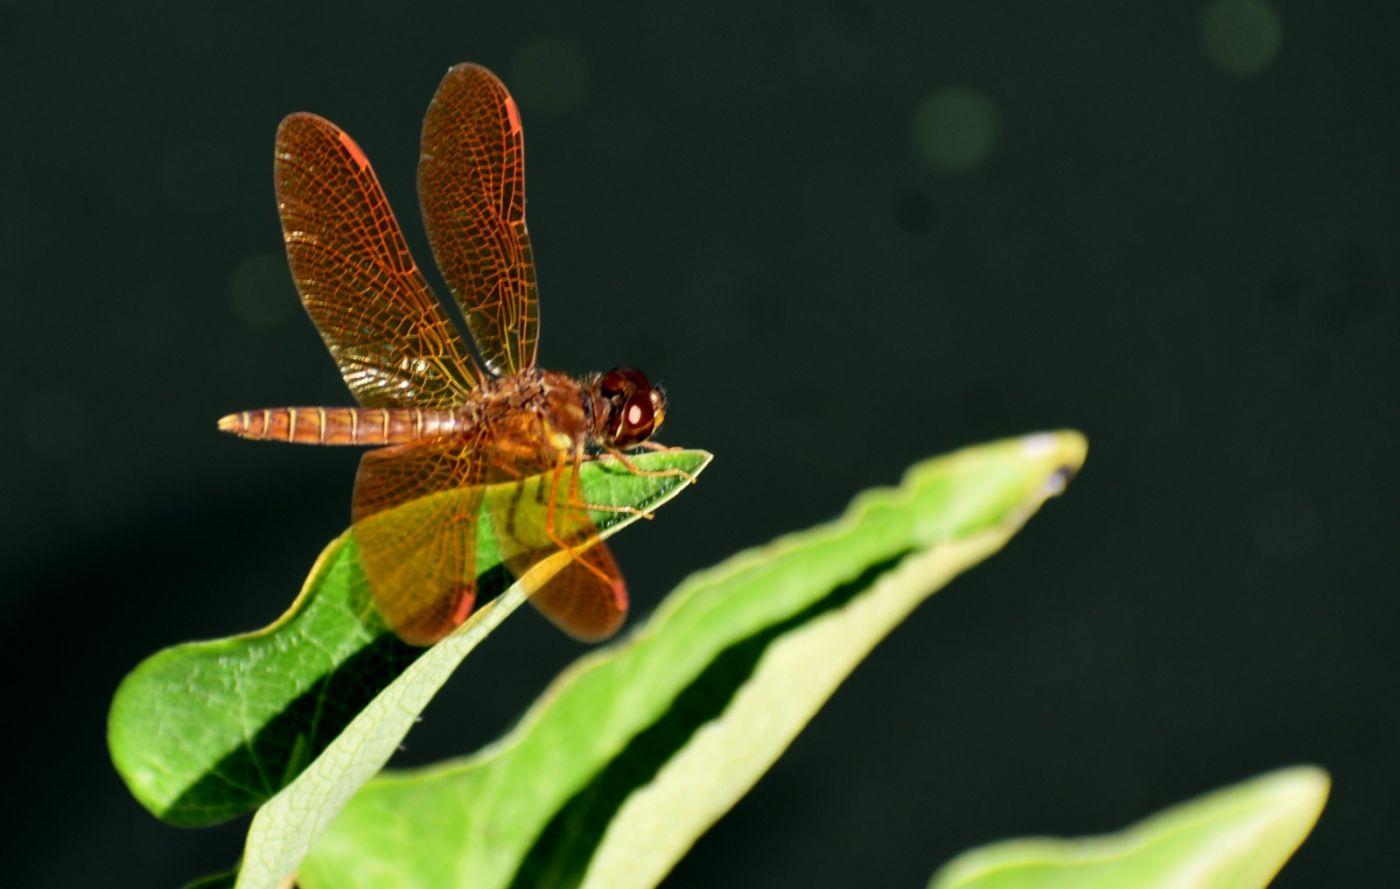 轻盈秀丽的蜻蜓_图1-2